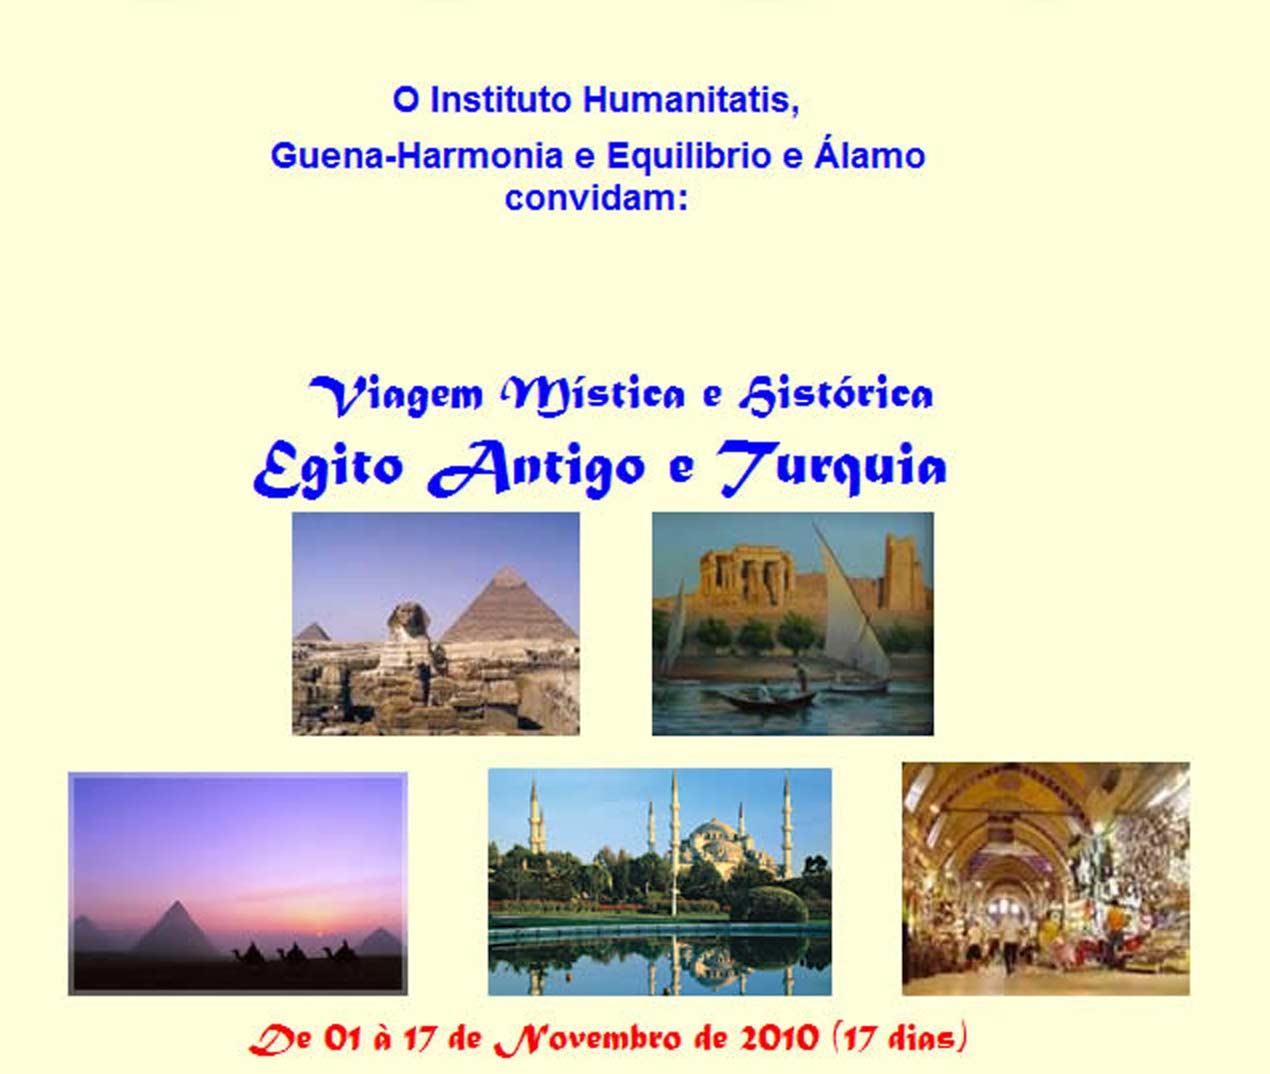 Egito Antigo e Turquia